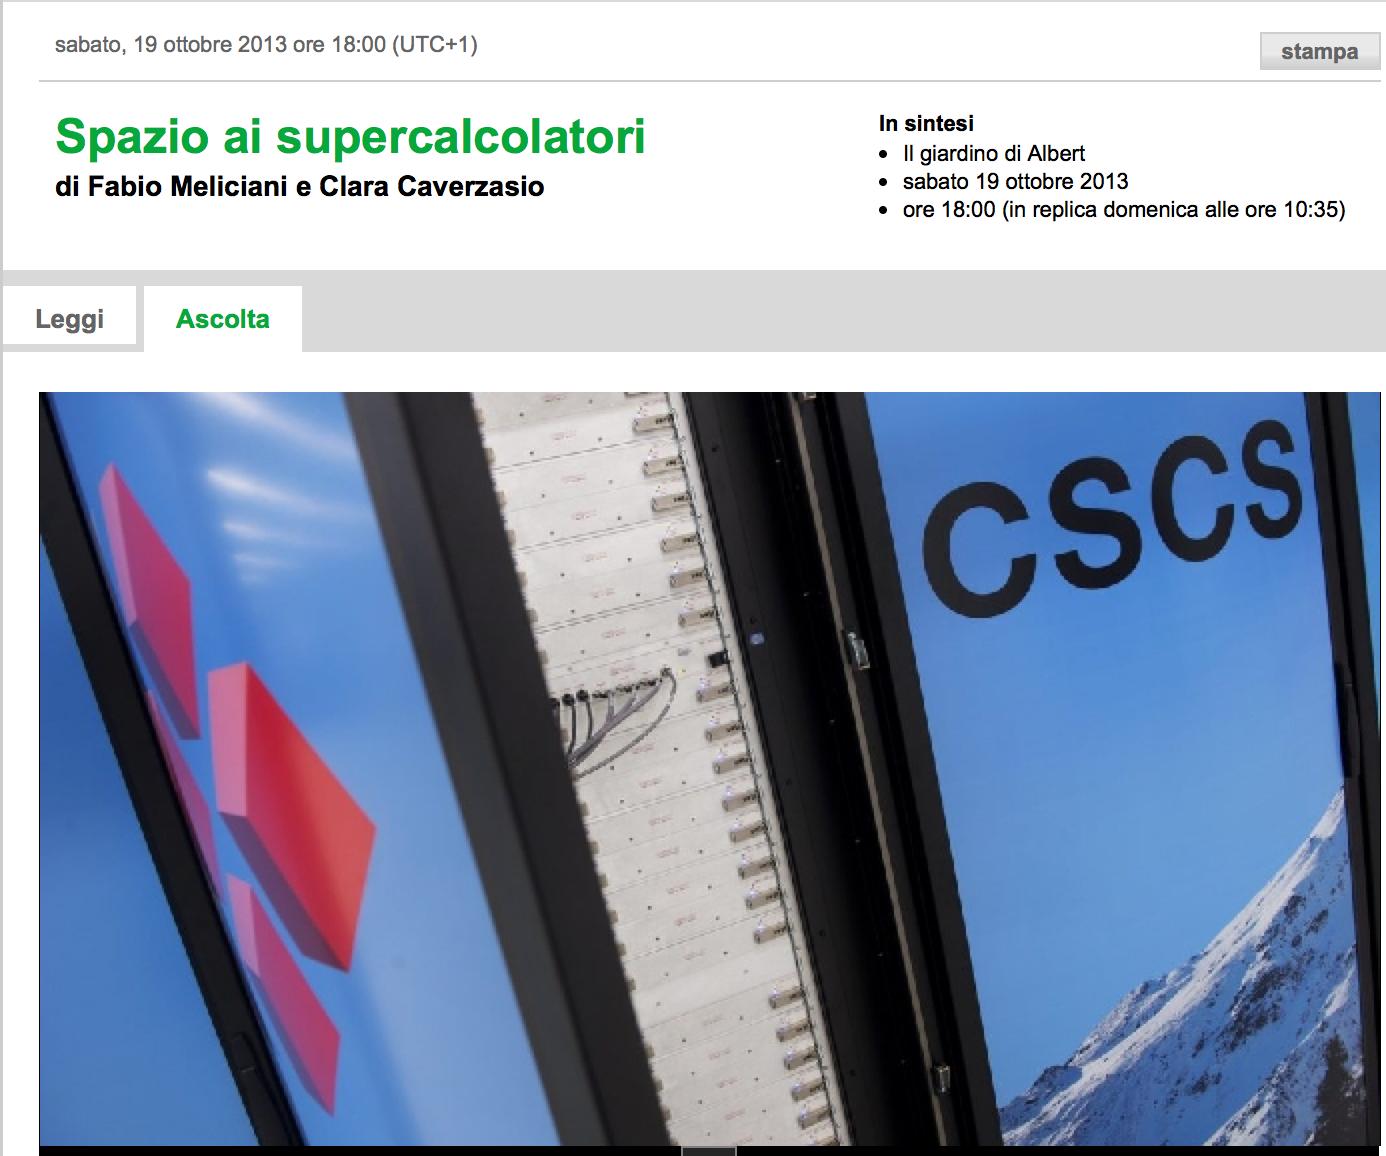 Spazio ai supercalcolatori: Swiss radio reports about astrophysics and HPC